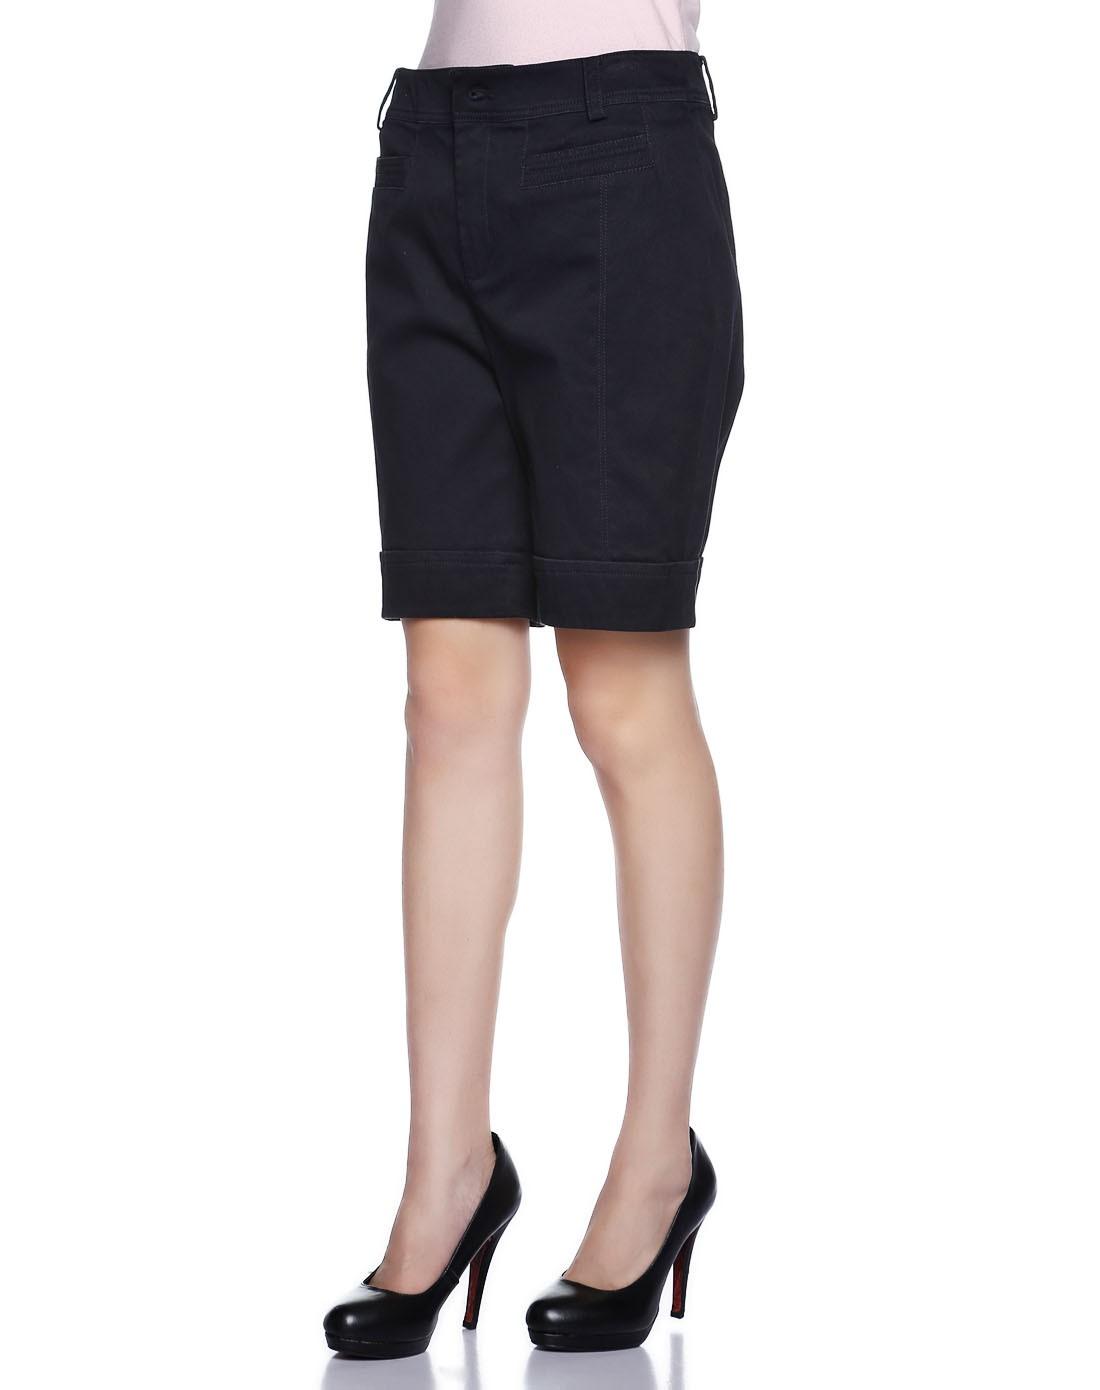 卡利亚里女性深毛蓝分割线短裤